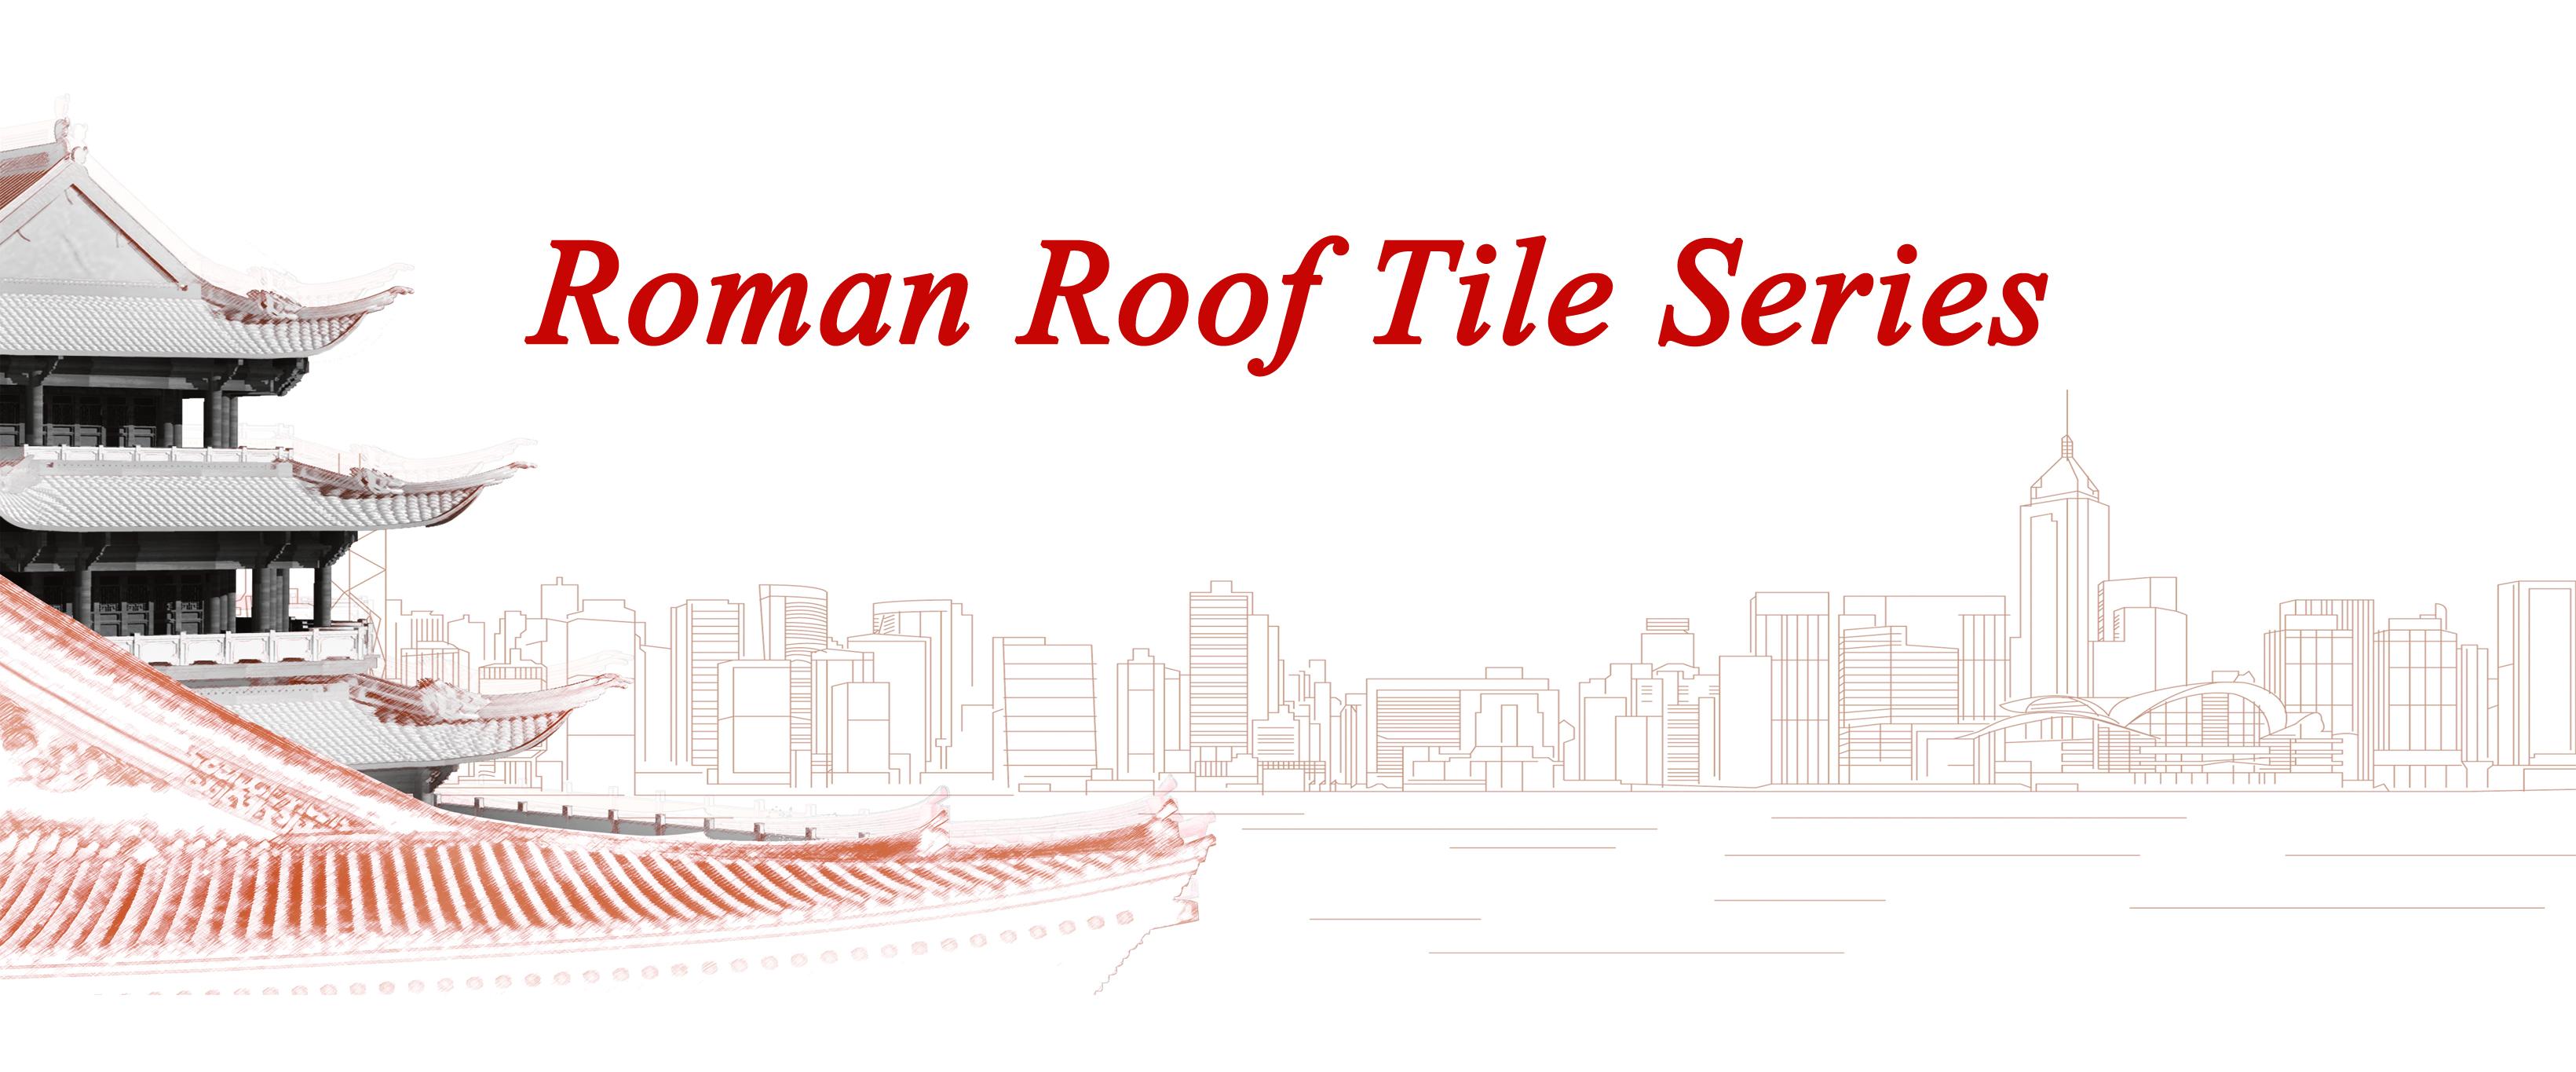 Ligero barato clay Tejas del techo solar arabia Saudita en línea